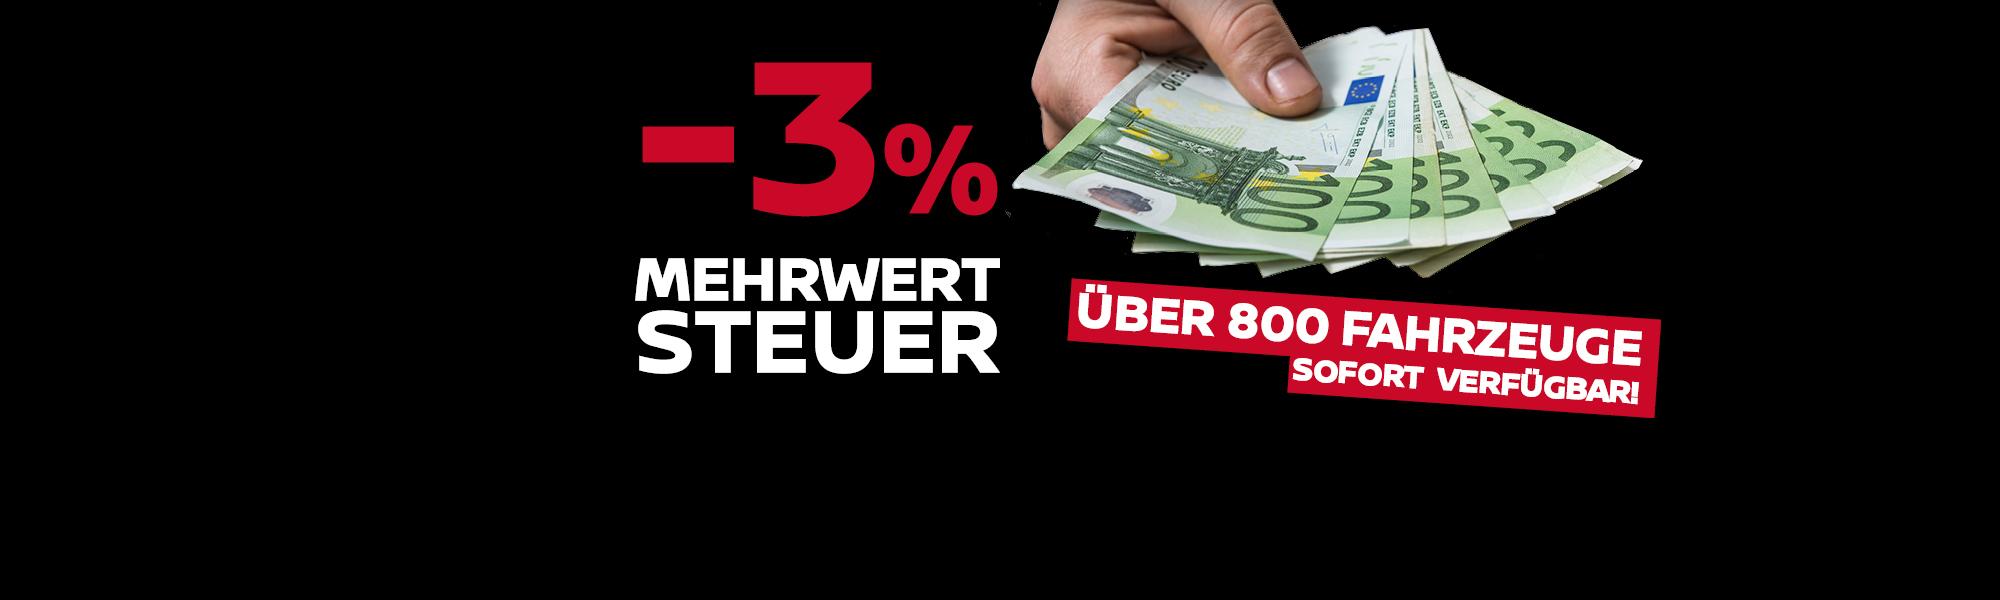 -3% Mwst – Jetzt tolle Angebote sichern!